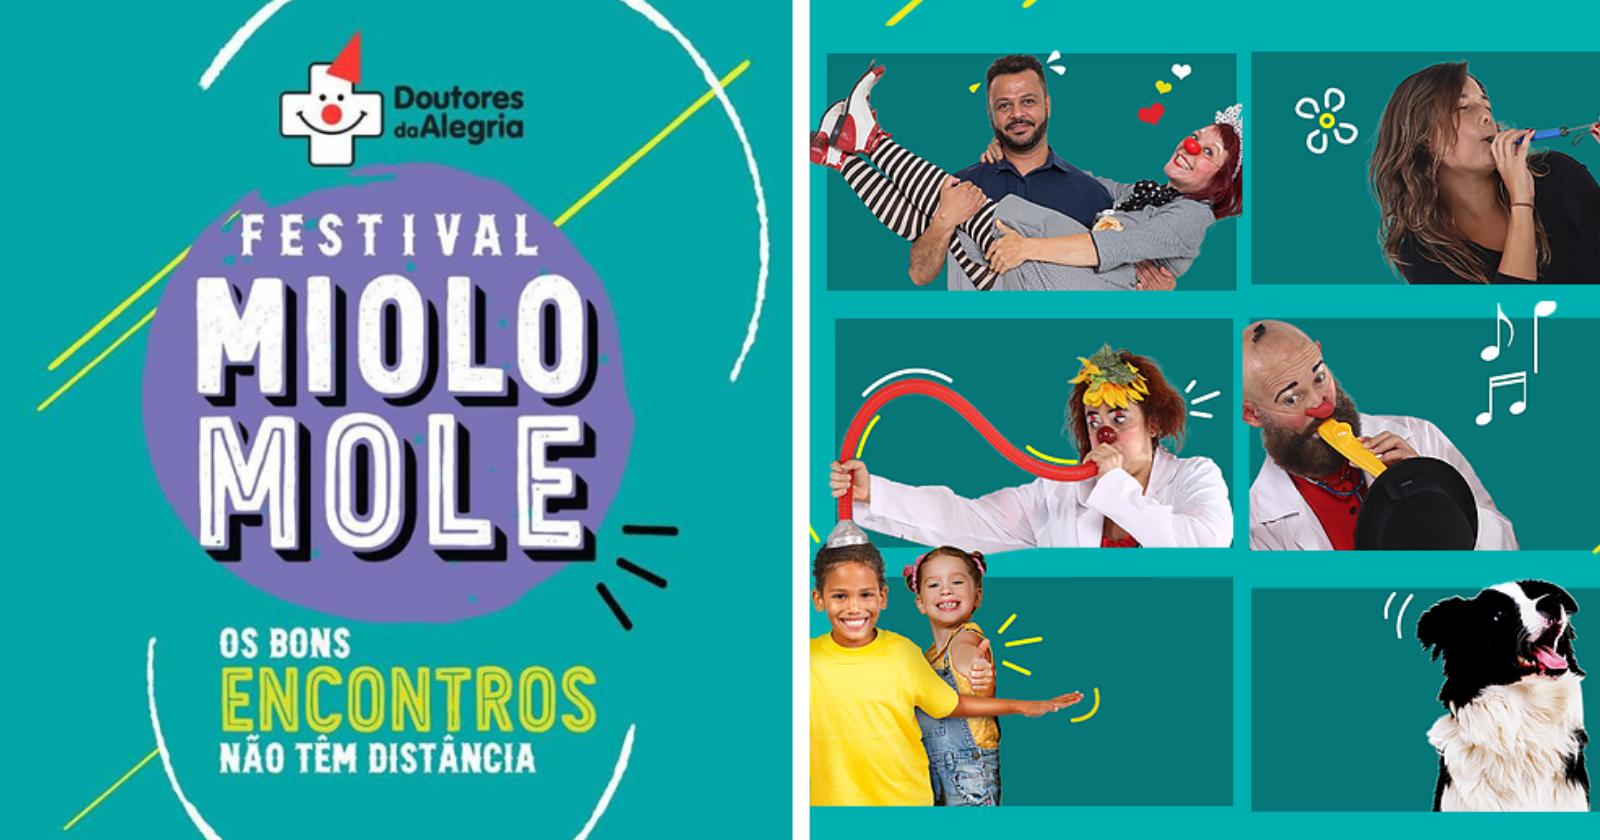 Doutores da Alegria tem grande Festival ao vivo para esse domingo!